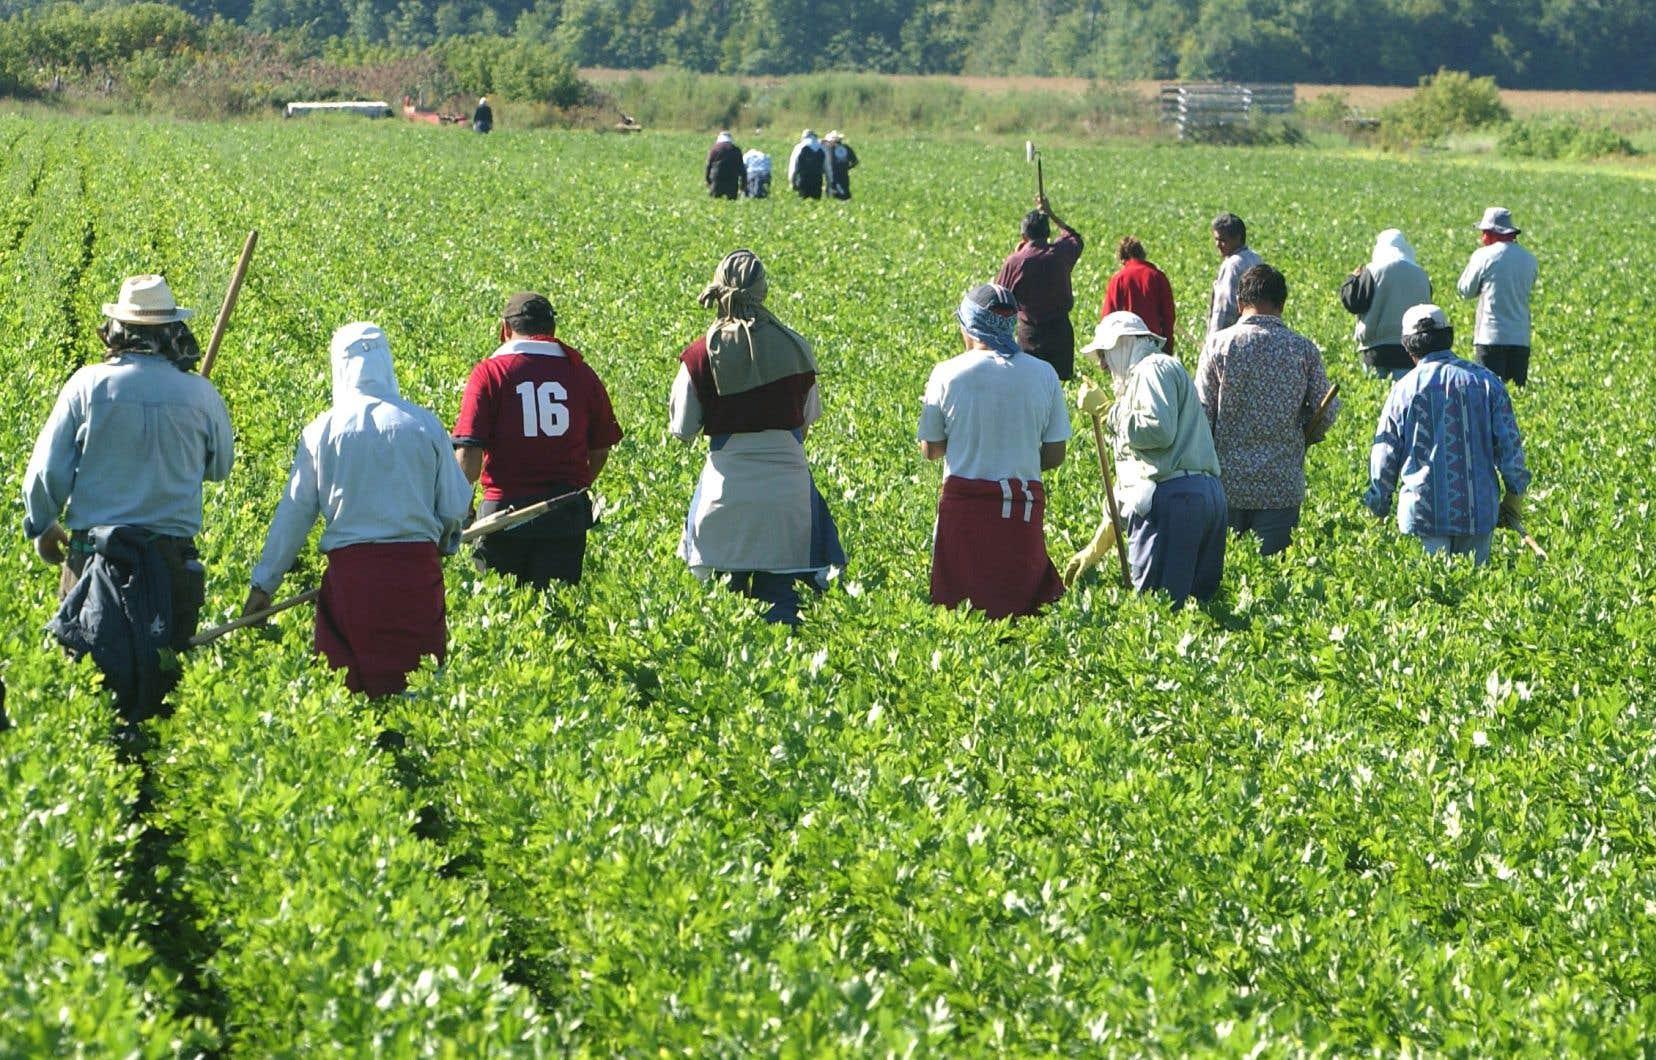 Les travailleurs étrangers temporaires seraient utiles aussi bien dans les secteurs habituels, comme l'agroalimentaire et l'hôtellerie, que dans ceux de la fabrication et de l'intelligence artificielle.